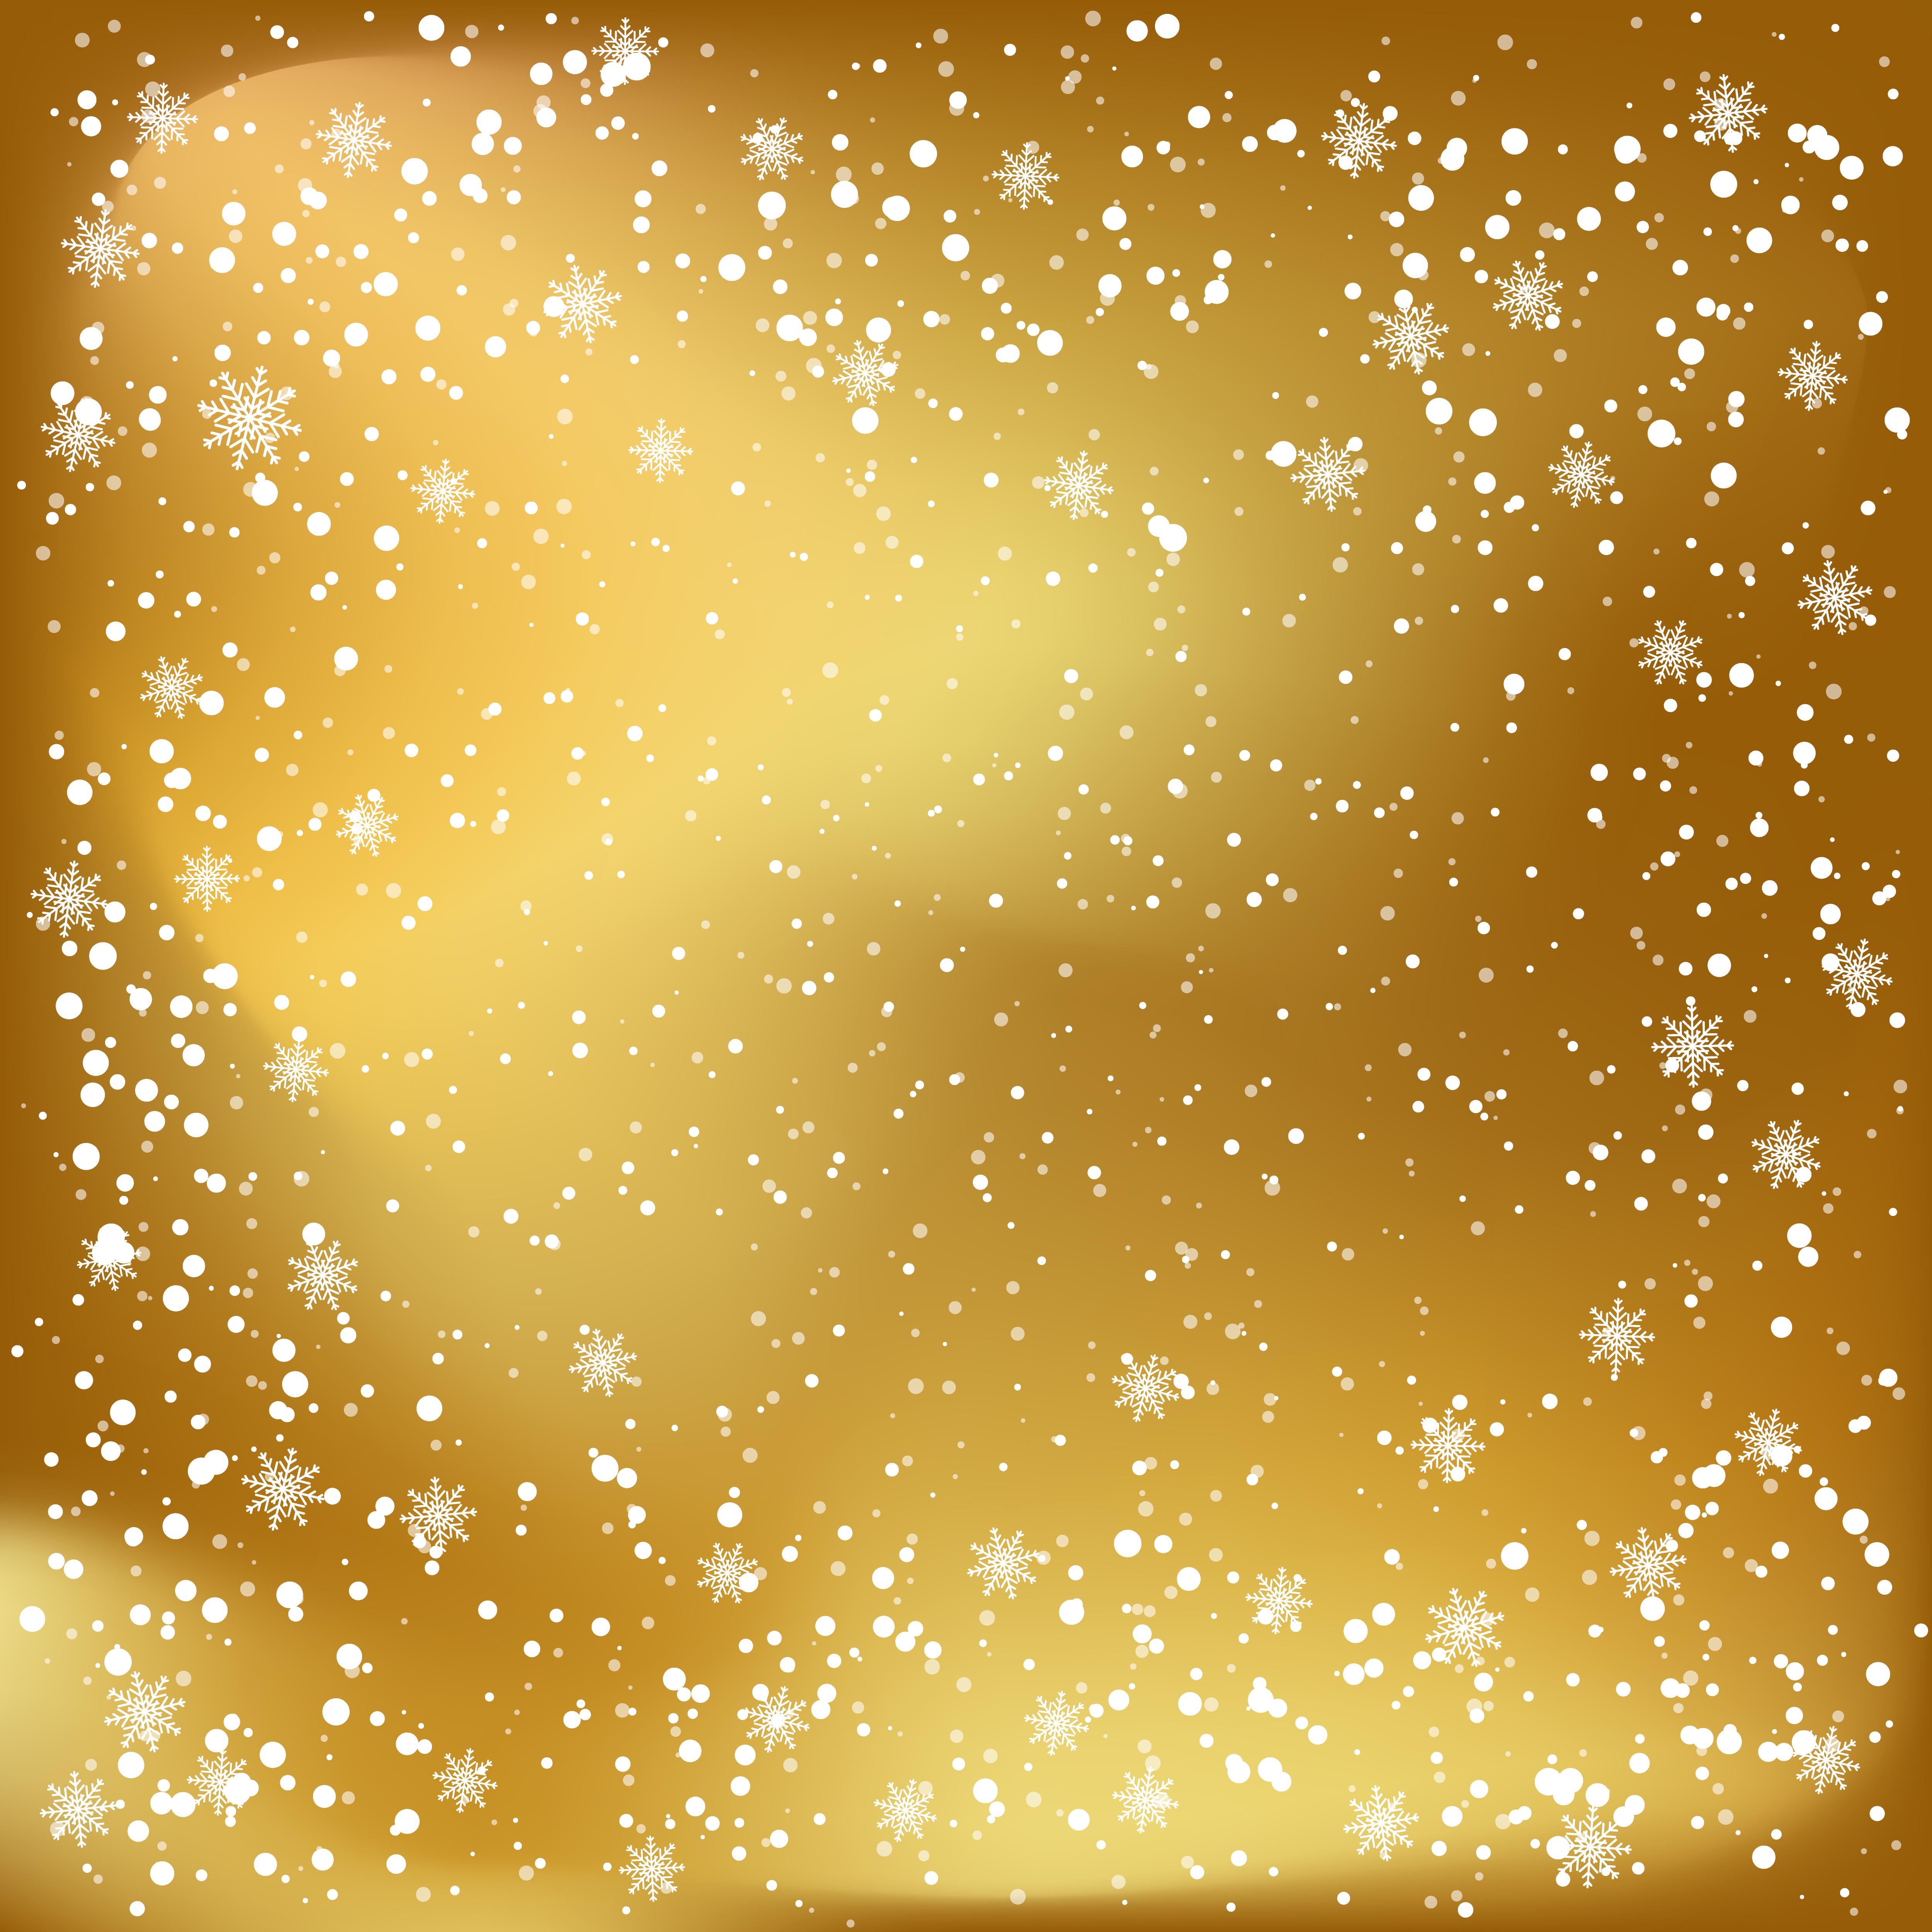 fundo dourado do natal com floco de neve de fundo branco